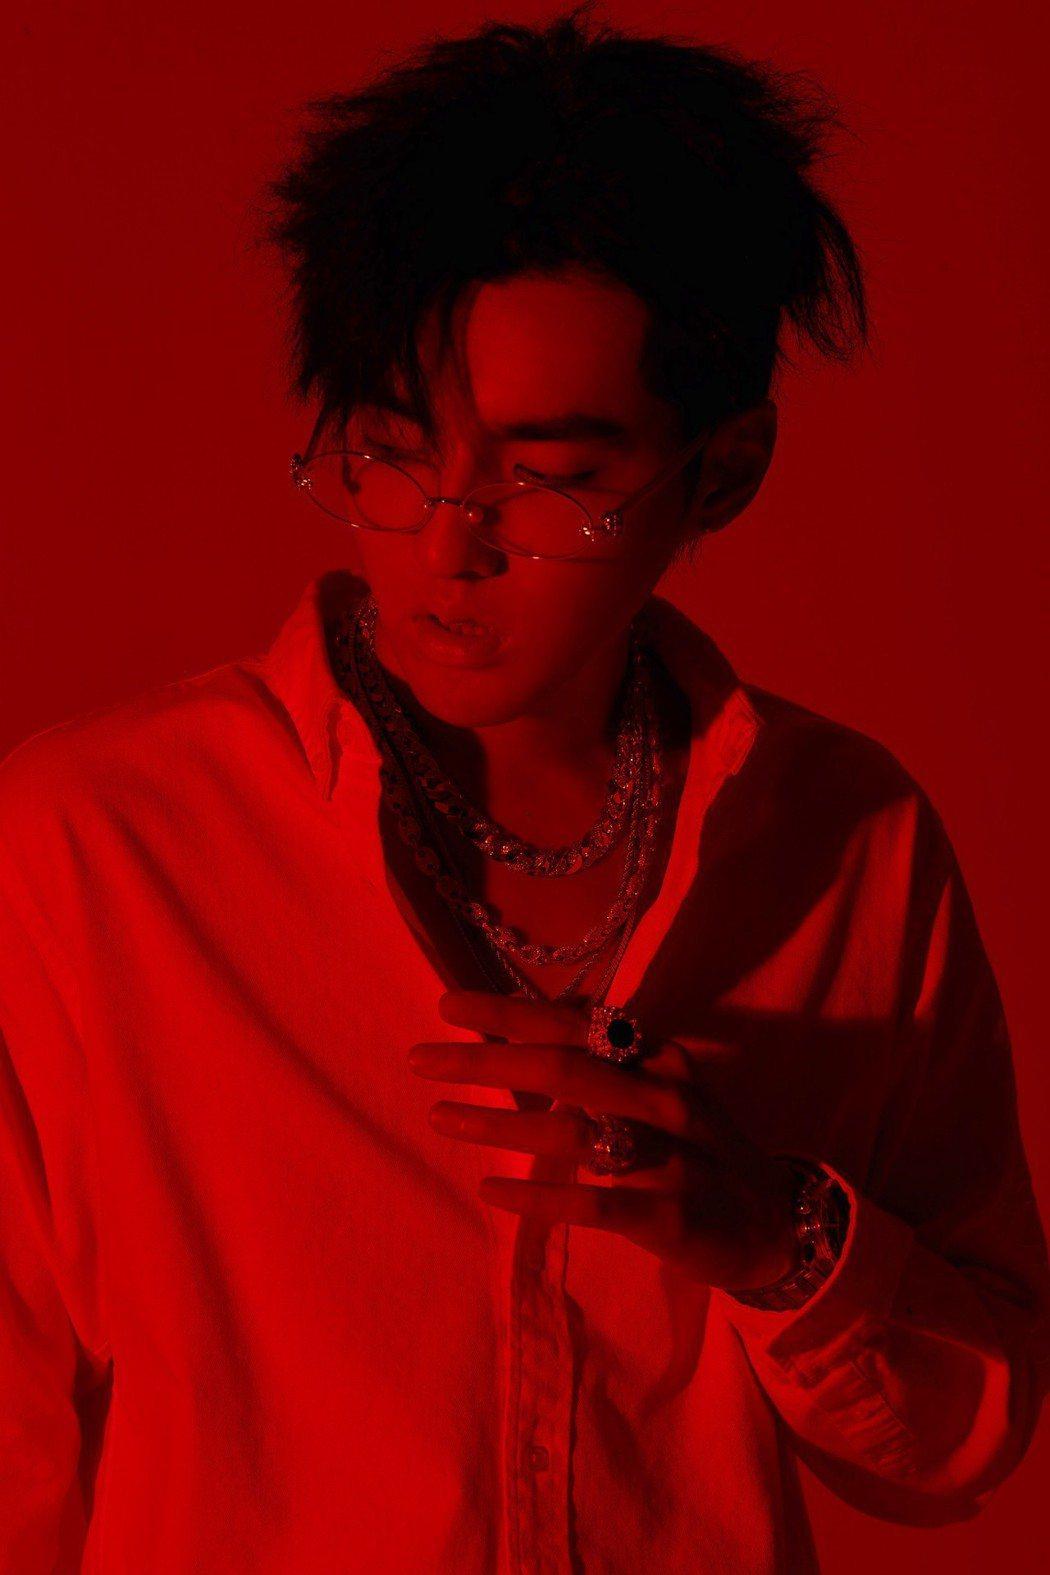 吳亦凡的英文單曲「Like That」登上Billboard告示牌百大單曲榜的第